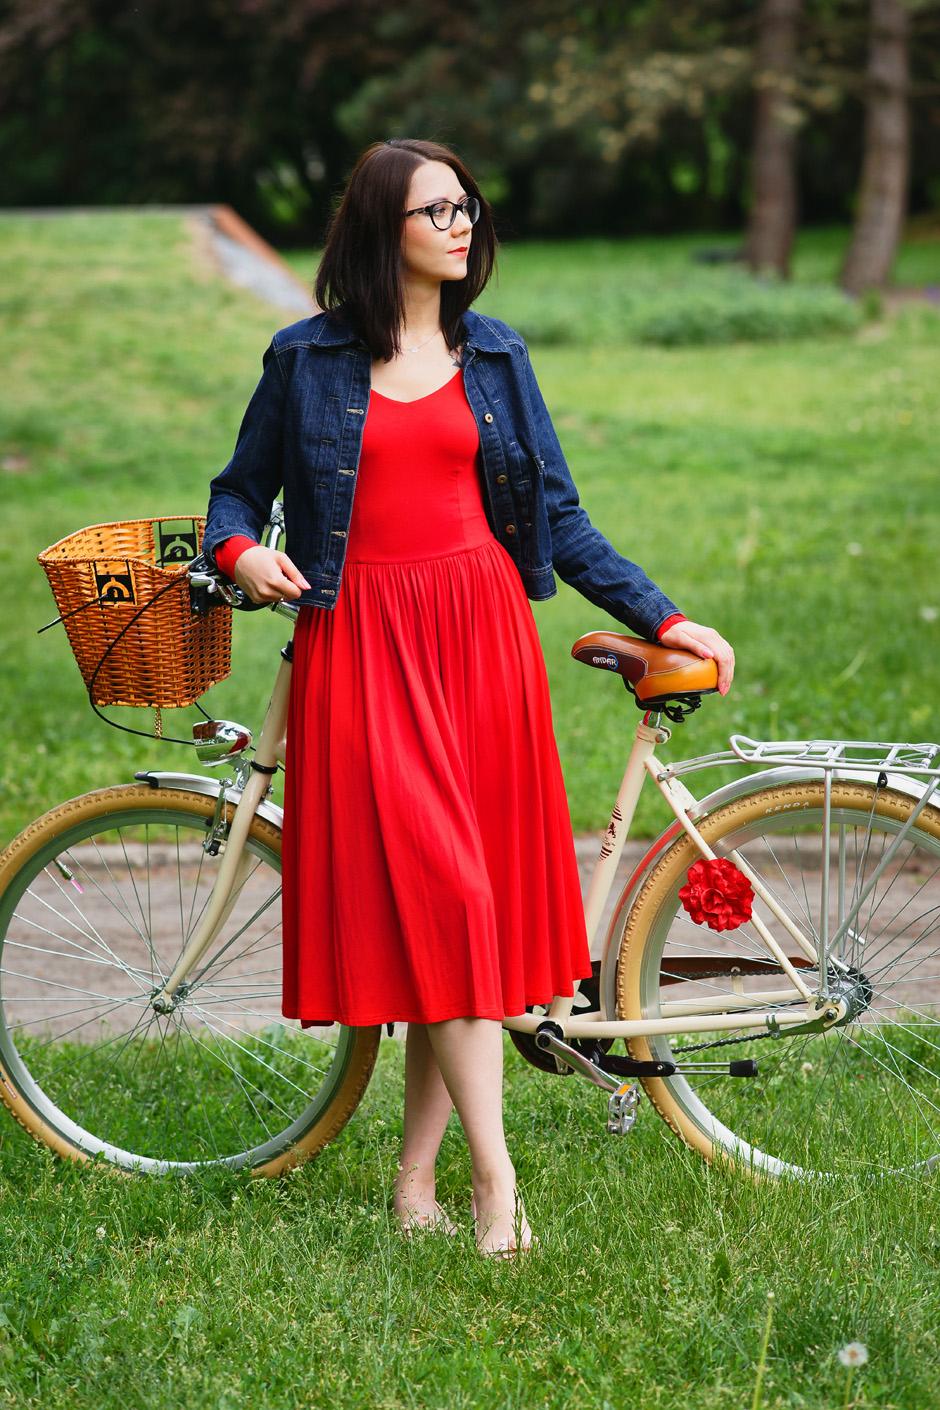 sukienka czerwona risk made in warsaw gotowa na wszystko, pudrowo różowe zaxy (2)